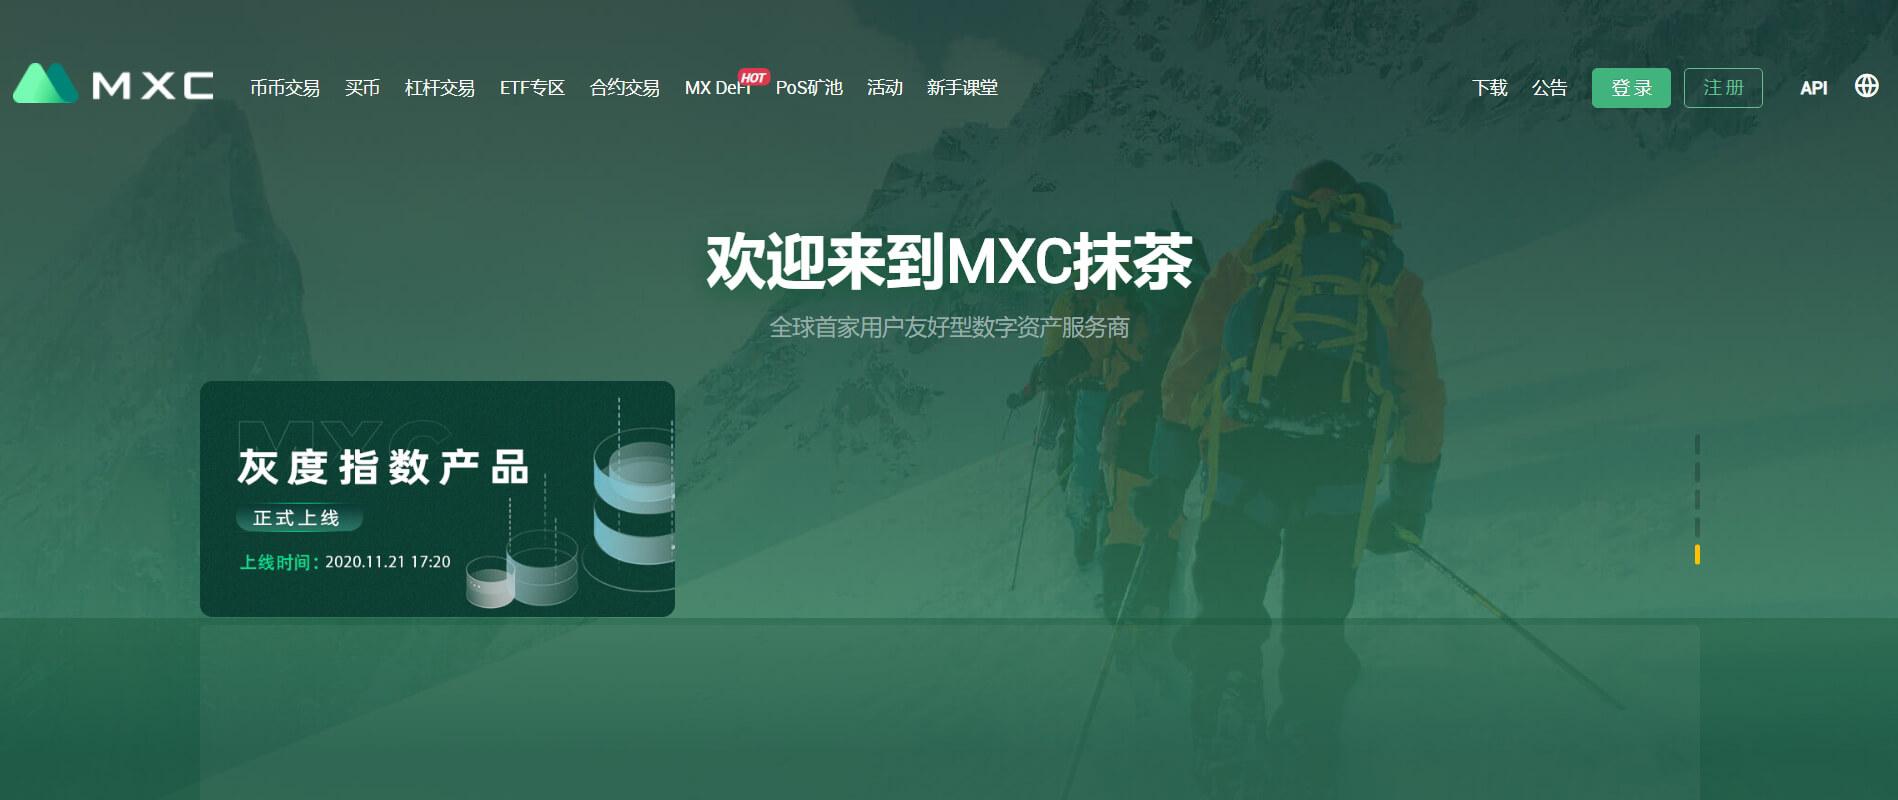 MXC抹茶:全球领先的数字资产服务平台